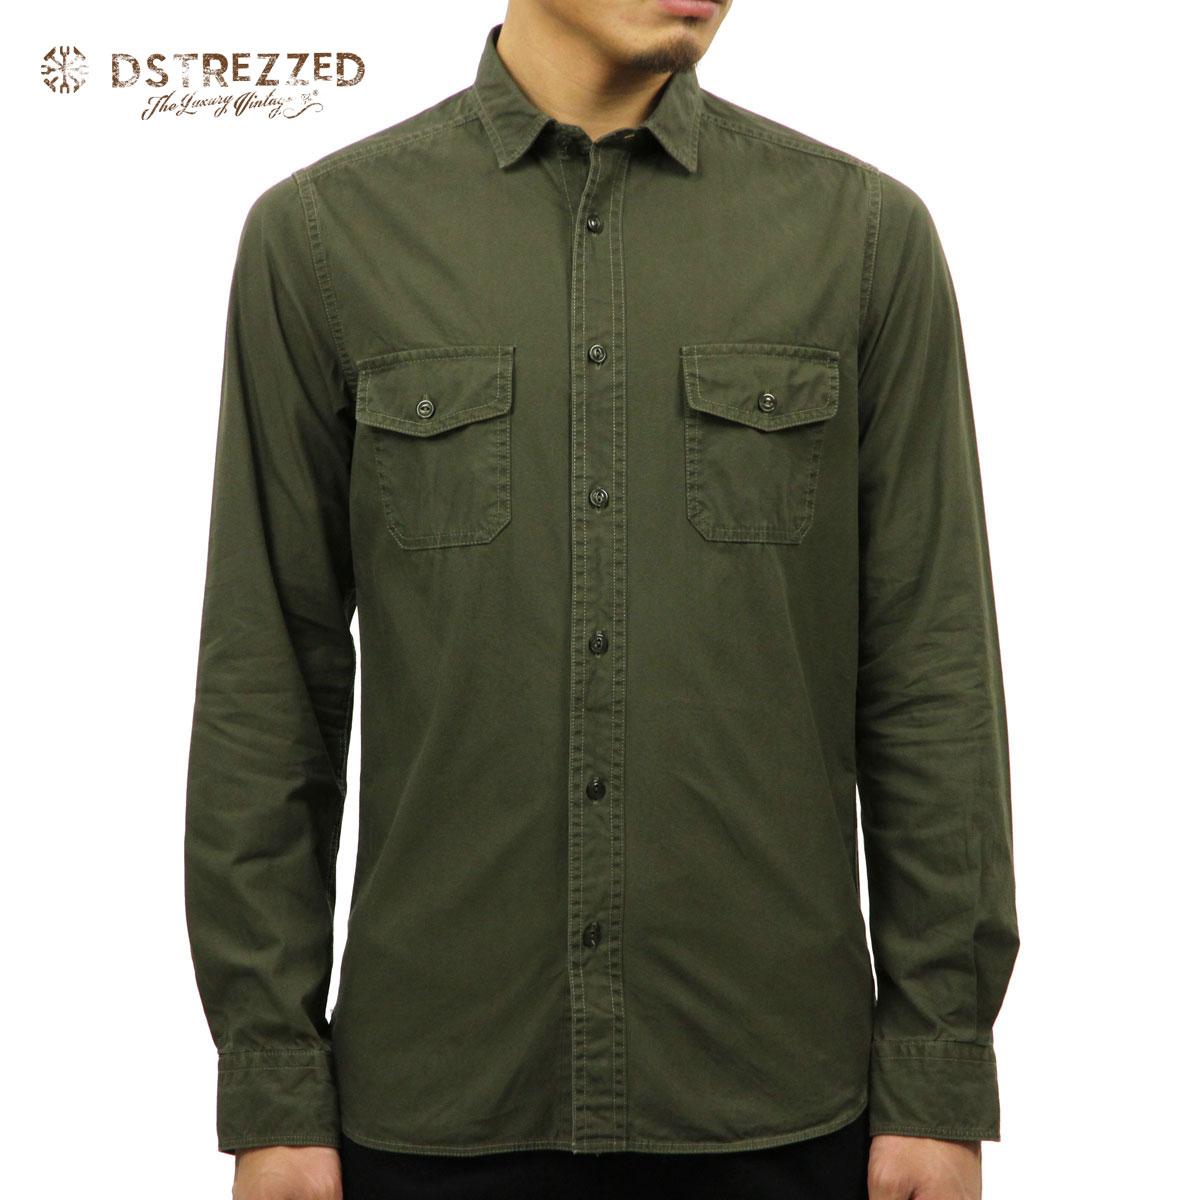 ディストレス DSTREZZED 正規販売店 メンズ 長袖シャツ SHIRT FINE TWILL SHIRT 303115 11 ARMY GREEN